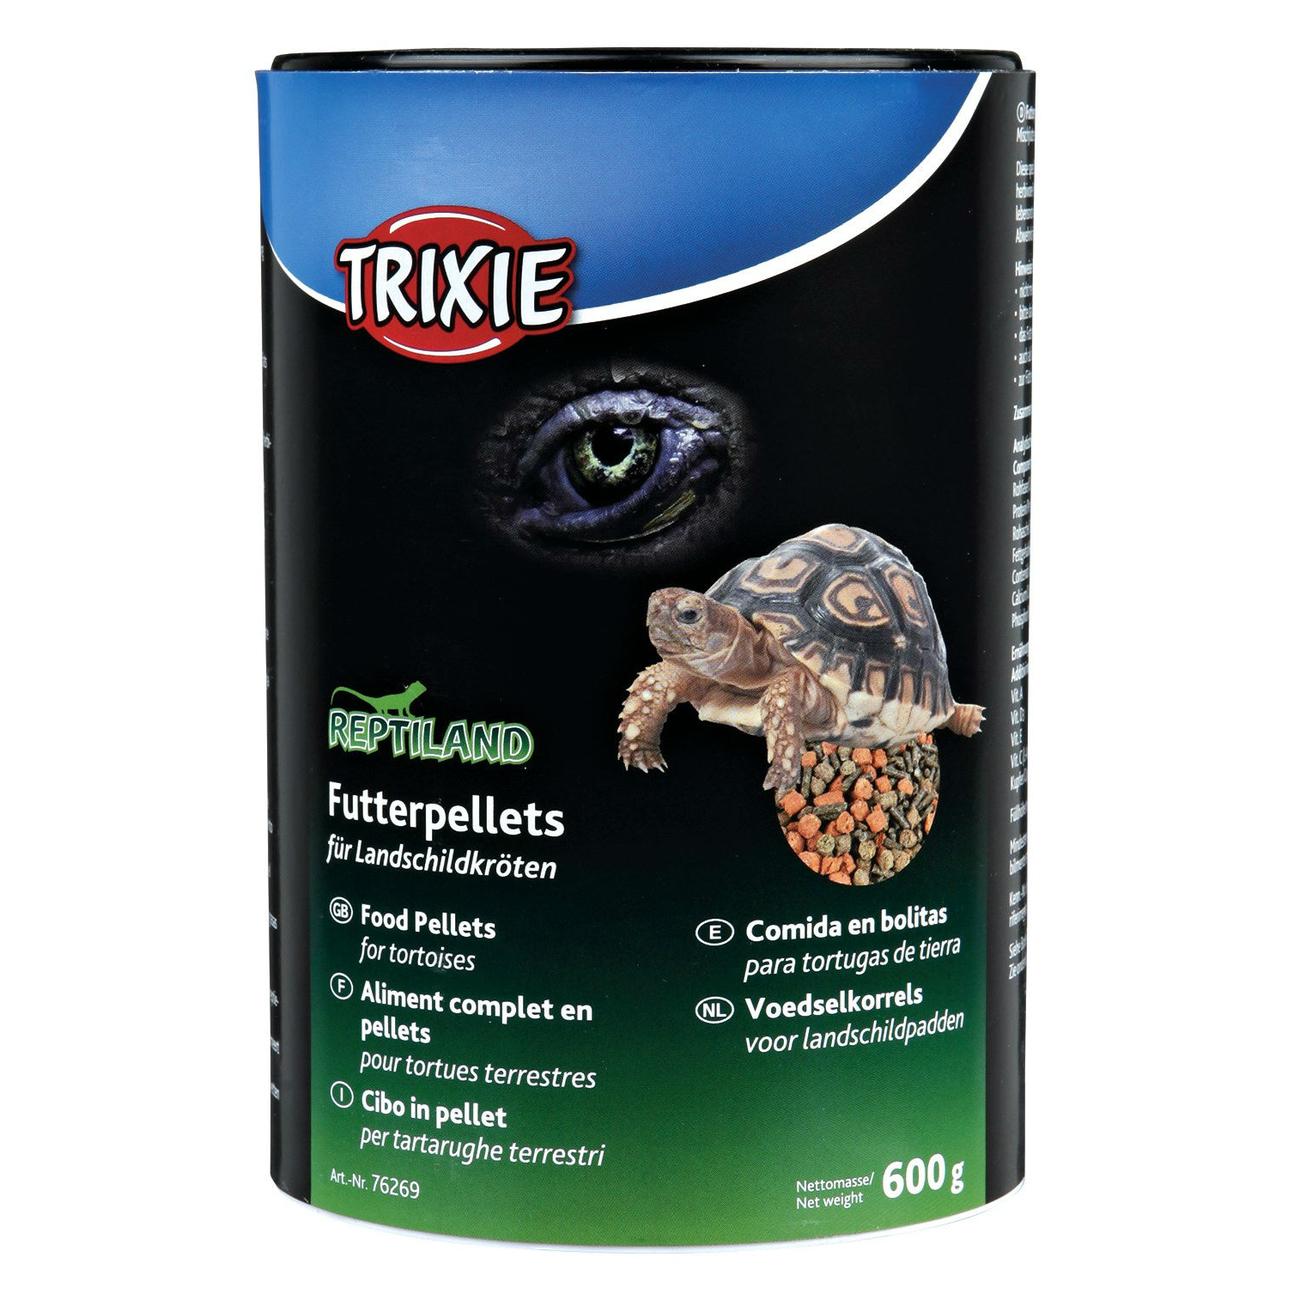 Trixie Trockenfutter für Landschildkröten 76268, Bild 2